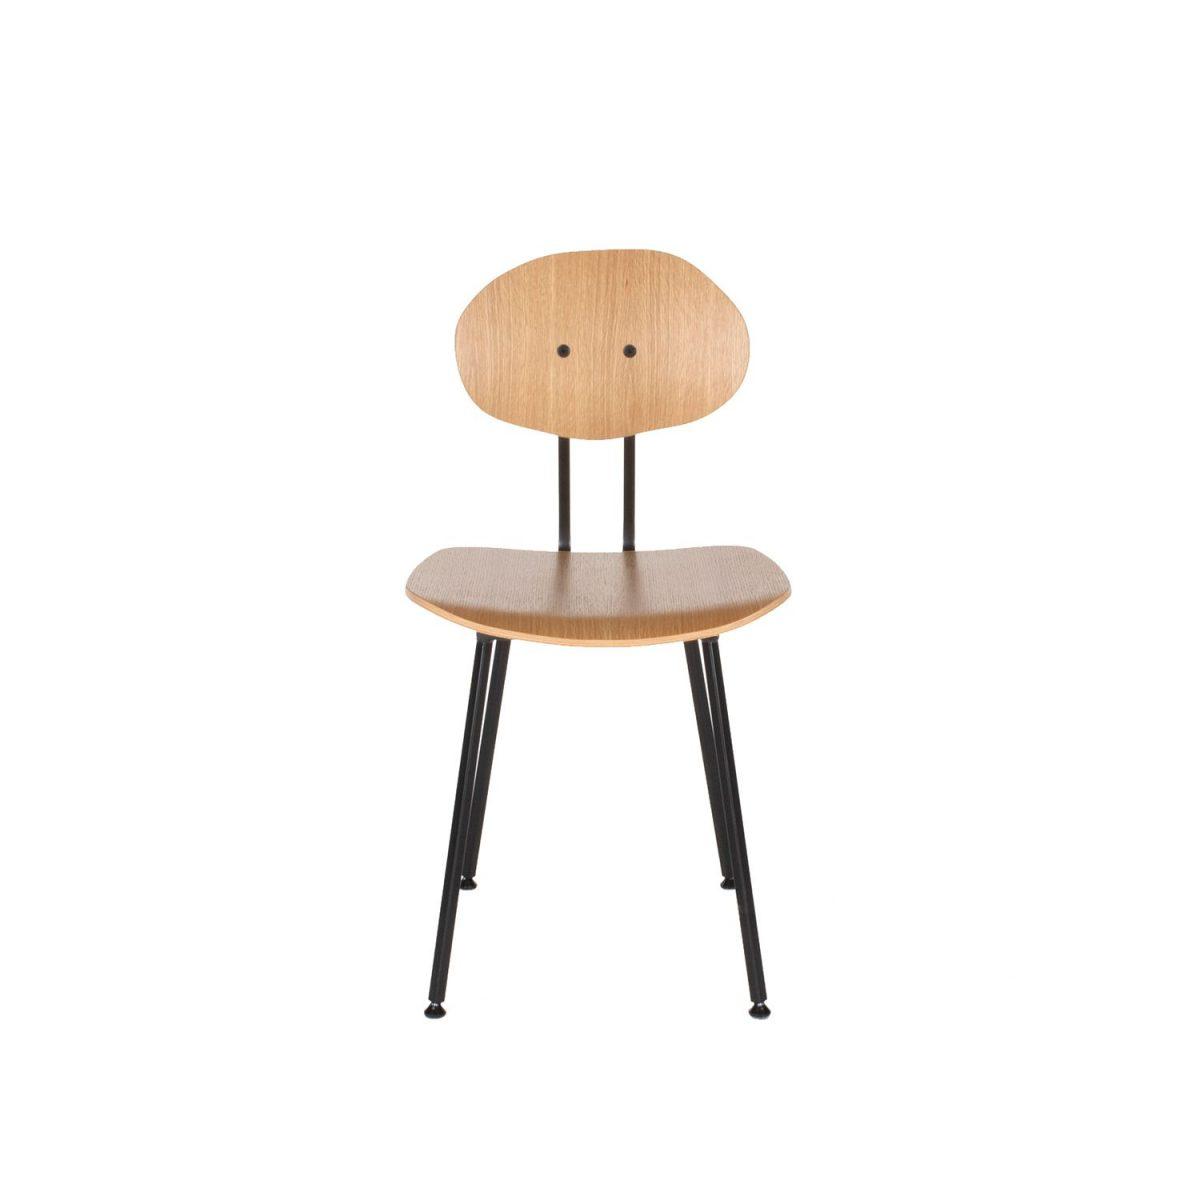 Maarten Baas 101 Chair Stoel Kantoor Dutch Design Restaurant Eettafelstoel G